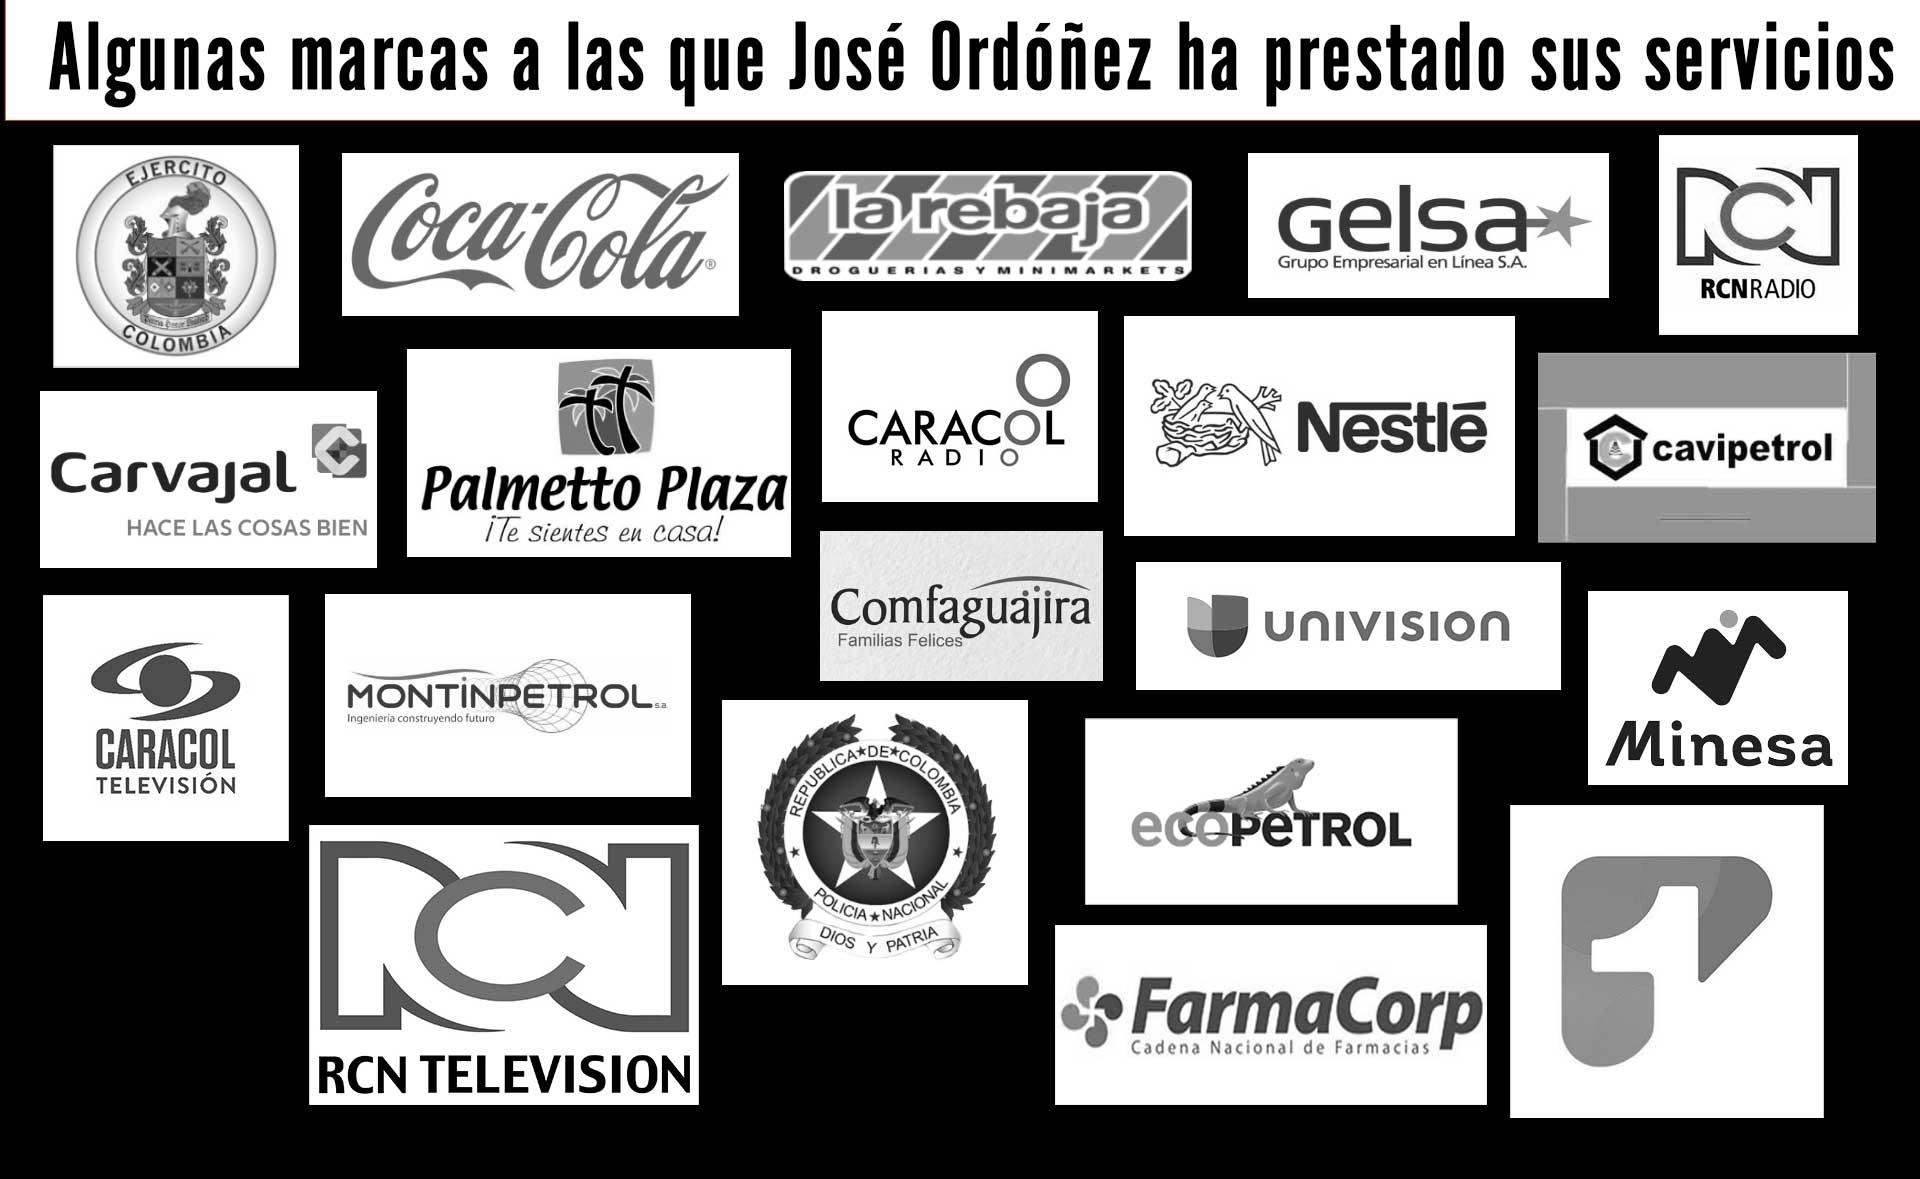 marcas que han contratado a José Ordóñez